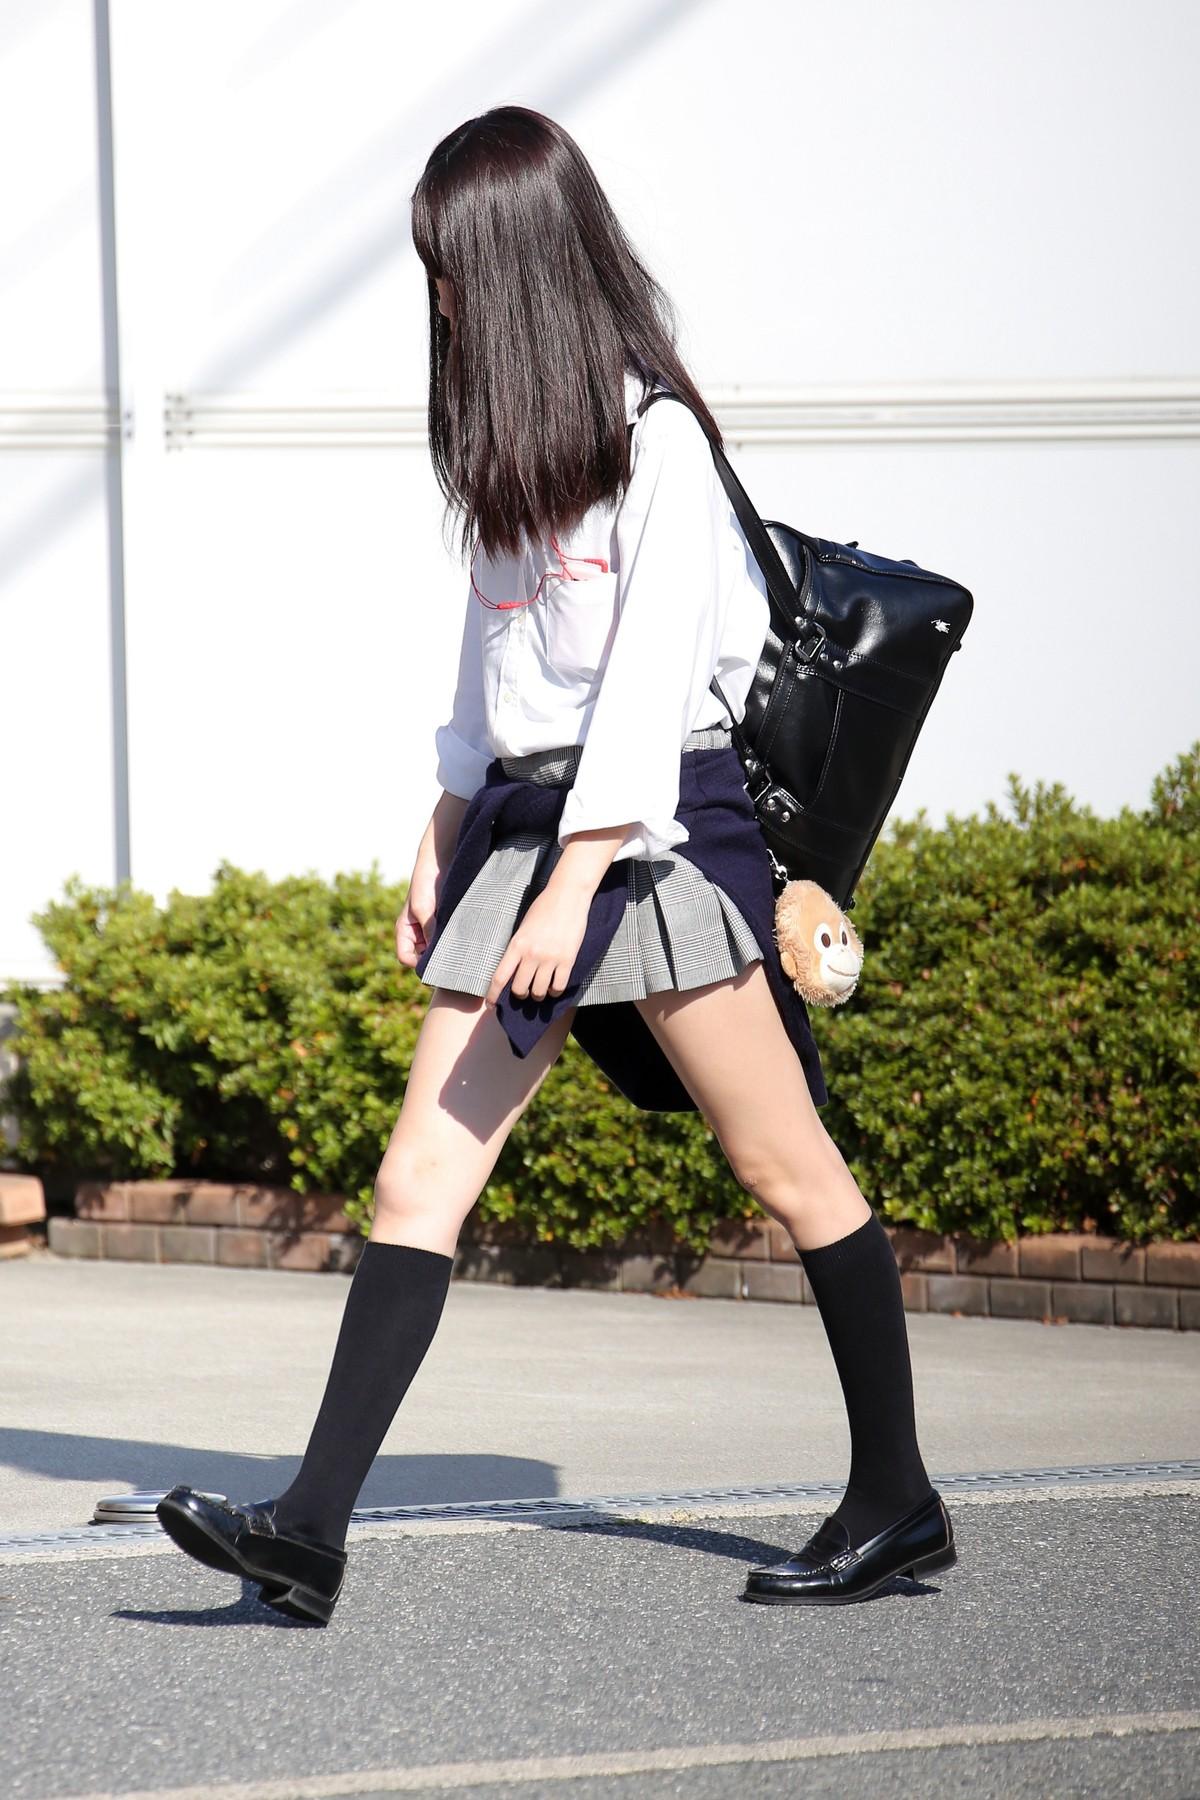 こんなJK達と手を繋いで通学する青春を送りたかった陰キャの妄想街撮り画像wwwwwwww Y7ilV48